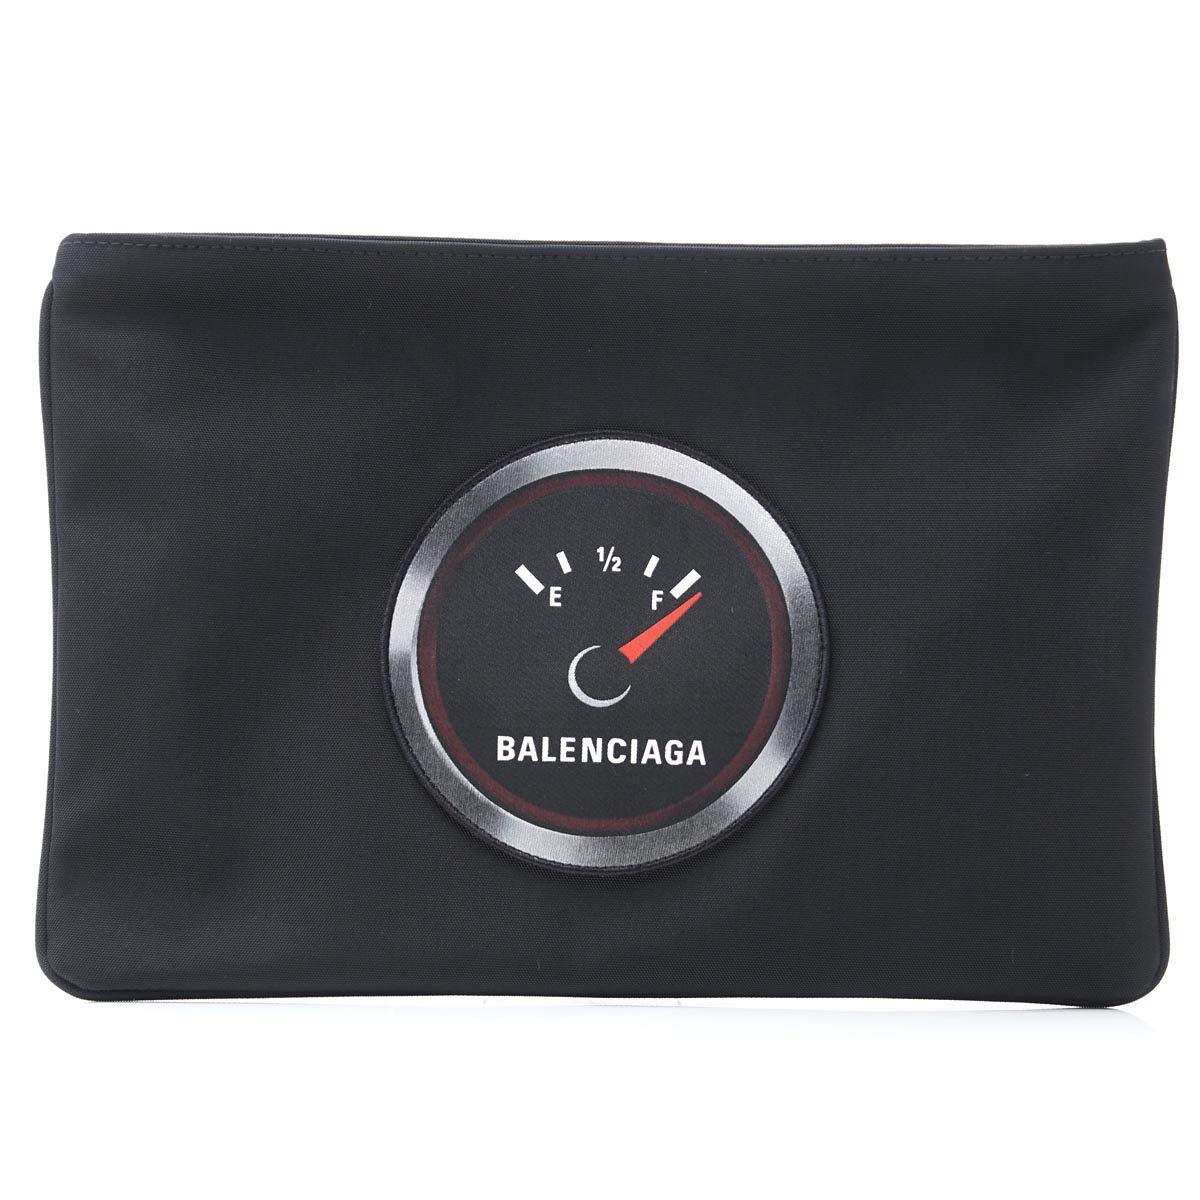 (バレンシアガ) BALENCIAGA クラッチバッグ EXPLORER POUCH エクスプローラー ポーチ [並行輸入品] B07RC6Y3WM